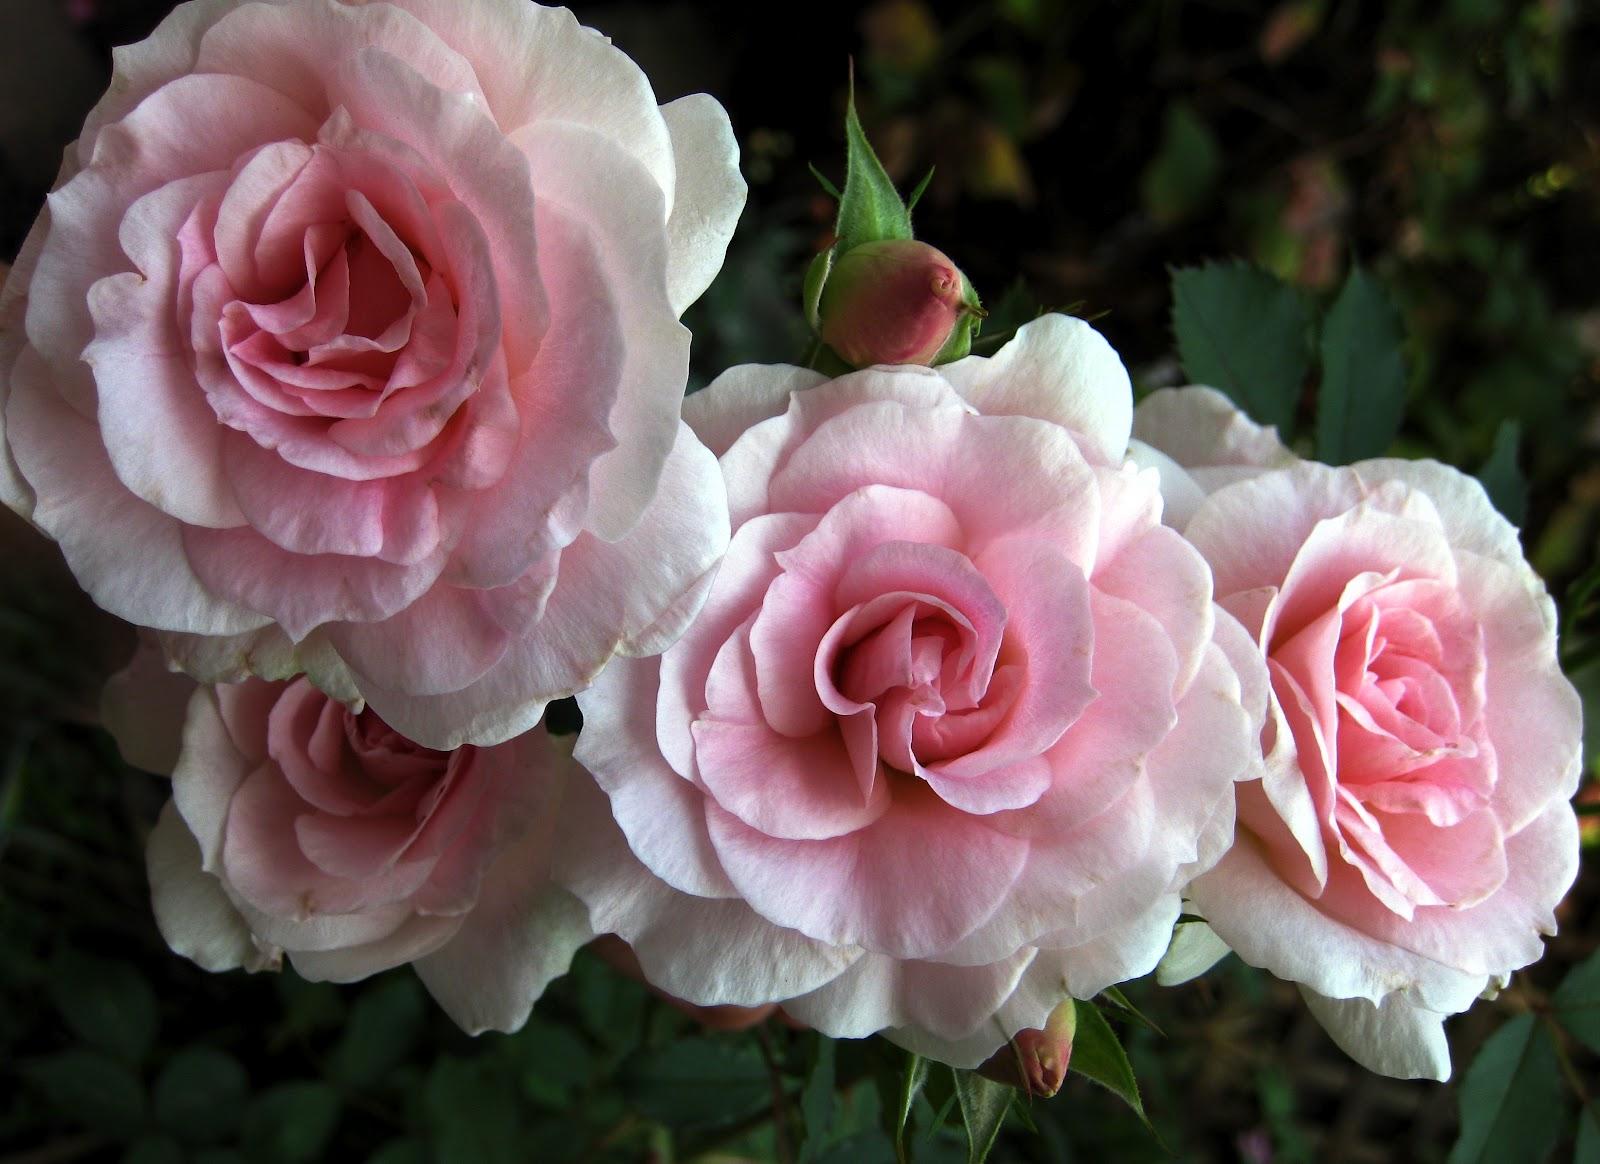 http://3.bp.blogspot.com/-uWb5RcCv-fI/T0W4o2vTI3I/AAAAAAAAAeA/w-Bcb72nA50/s1600/Morden+Pink+Rose+09+darker.JPG